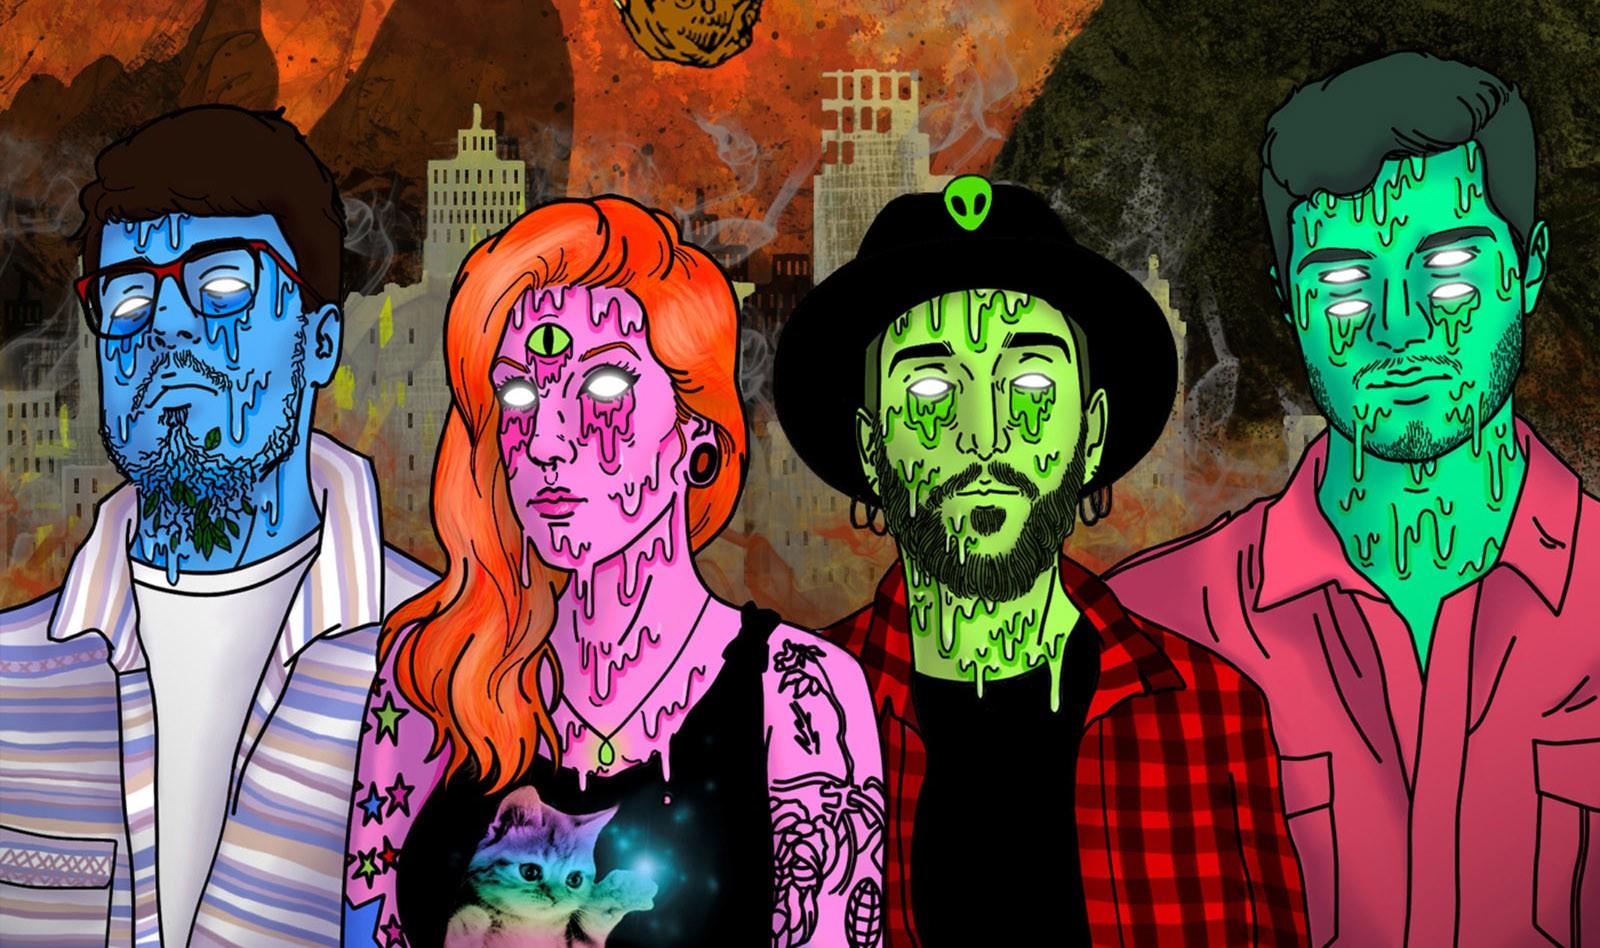 Banda Blanchez retrata o estado de espírito do Rio de Janeiro na capa do EP 'Bring it on' - Notícias - Plantão Diário